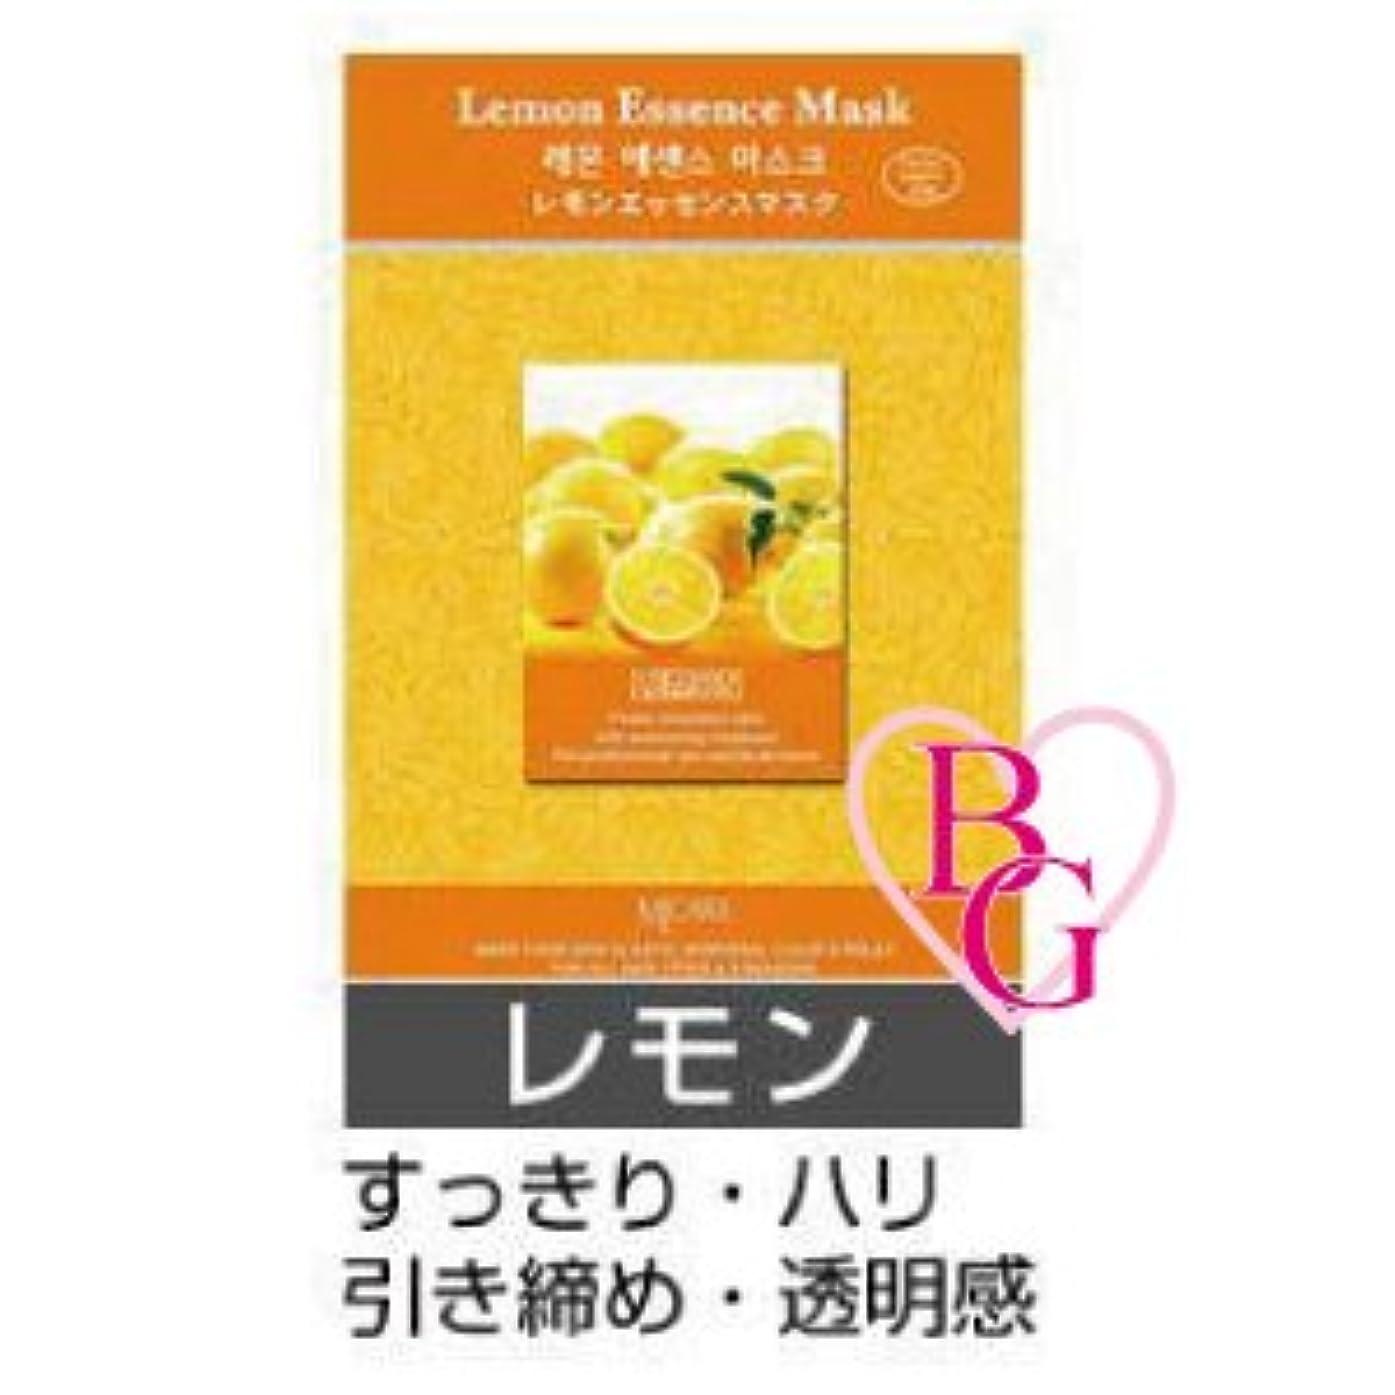 冷笑する雨の置き場フェイスパック レモン 韓国コスメ MIJIN(ミジン)コスメ 口コミ ランキング No1 おすすめ シートマスク 10枚